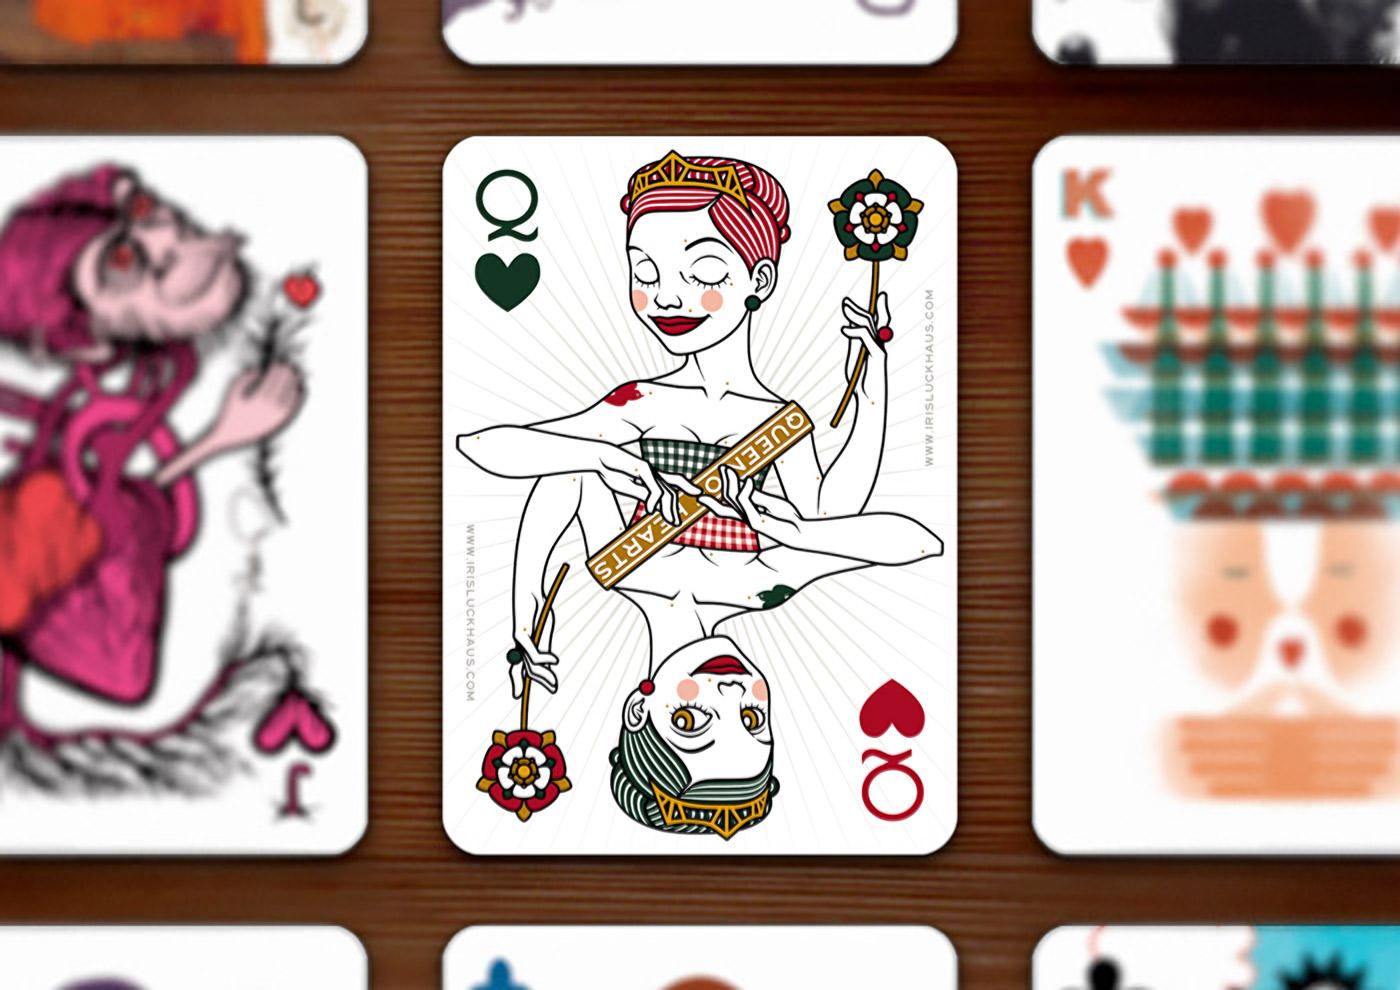 Herzdame (Queen of Hearts) Spielkarte im 52 Aces Reloaded Pokerdeck für Zeixs im Set auf dem Tisch